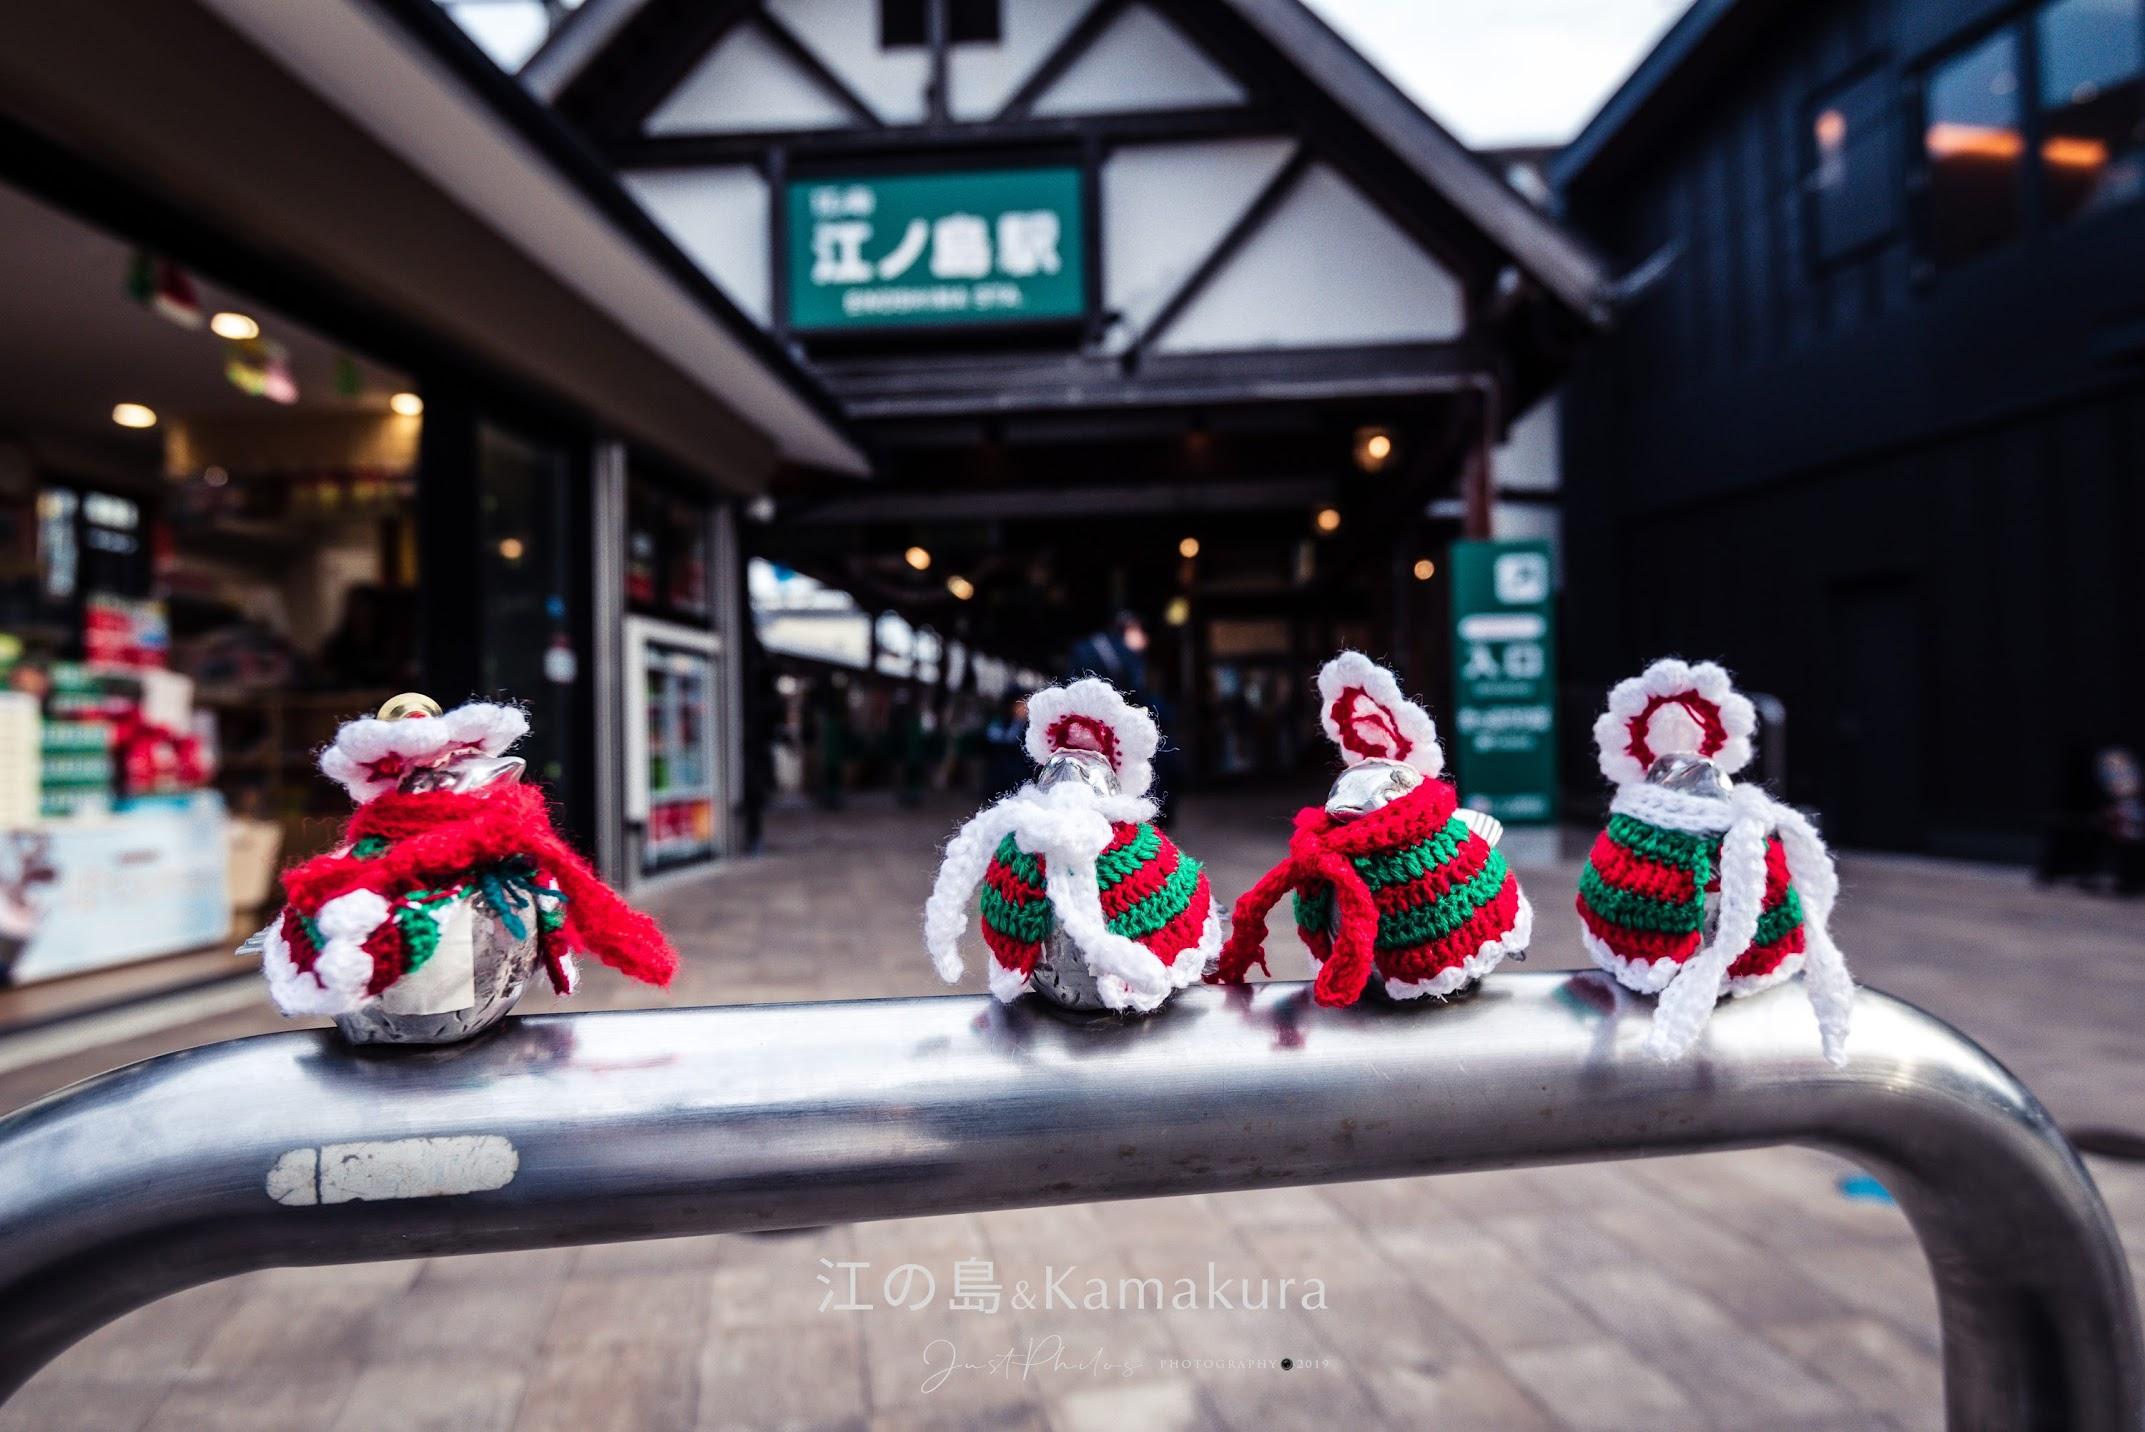 江之島站前欄杆上的麻雀雕像,會在不同時間換上不同的衣服非常有趣。